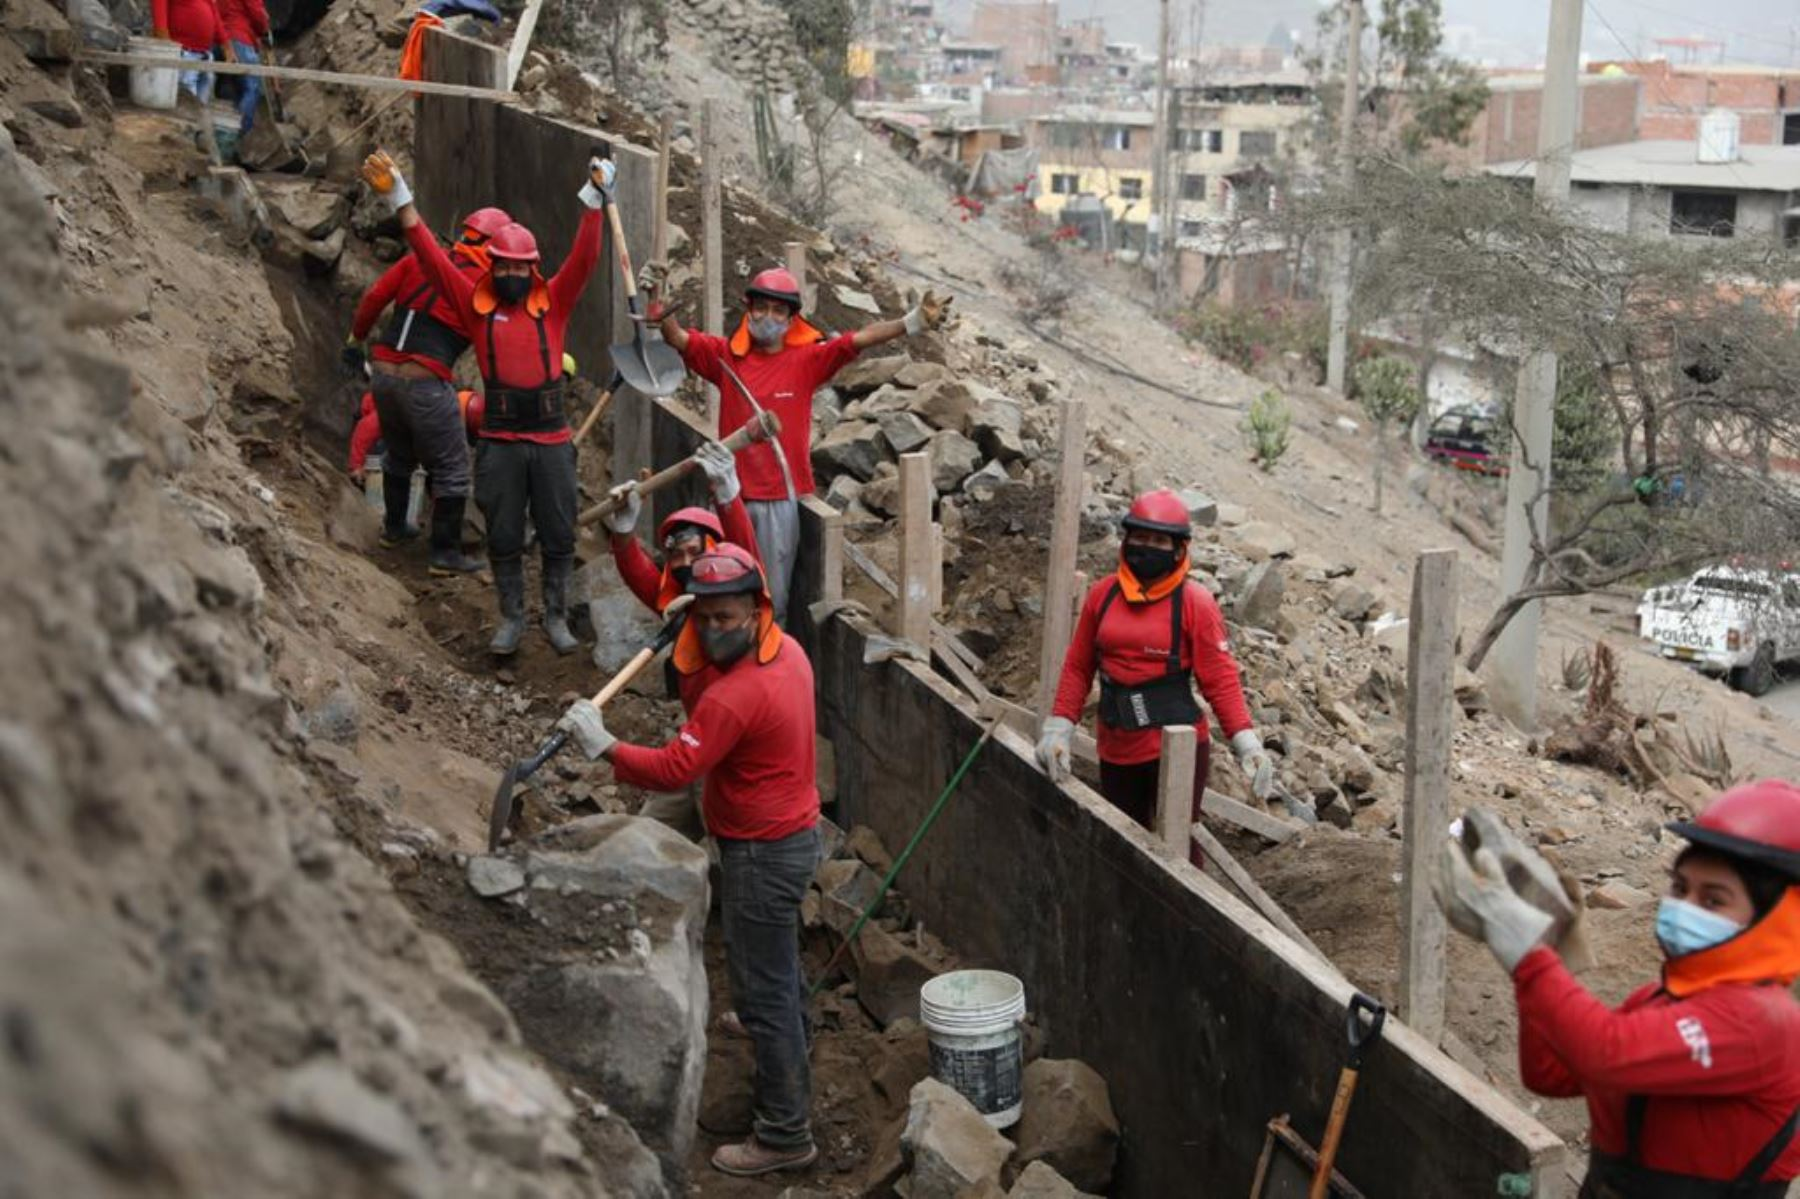 El ministro de Trabajo, Javier Palacios Gallegos, supervisa proyectos de infraestructura que se desarrollan en el distrito de Independencia, en el marco del programa 'Trabaja Perú', que brinda empleo temporal a las personas en situación de vulnerabilidad.  Foto ANDINA/Ministerio de Trabajo